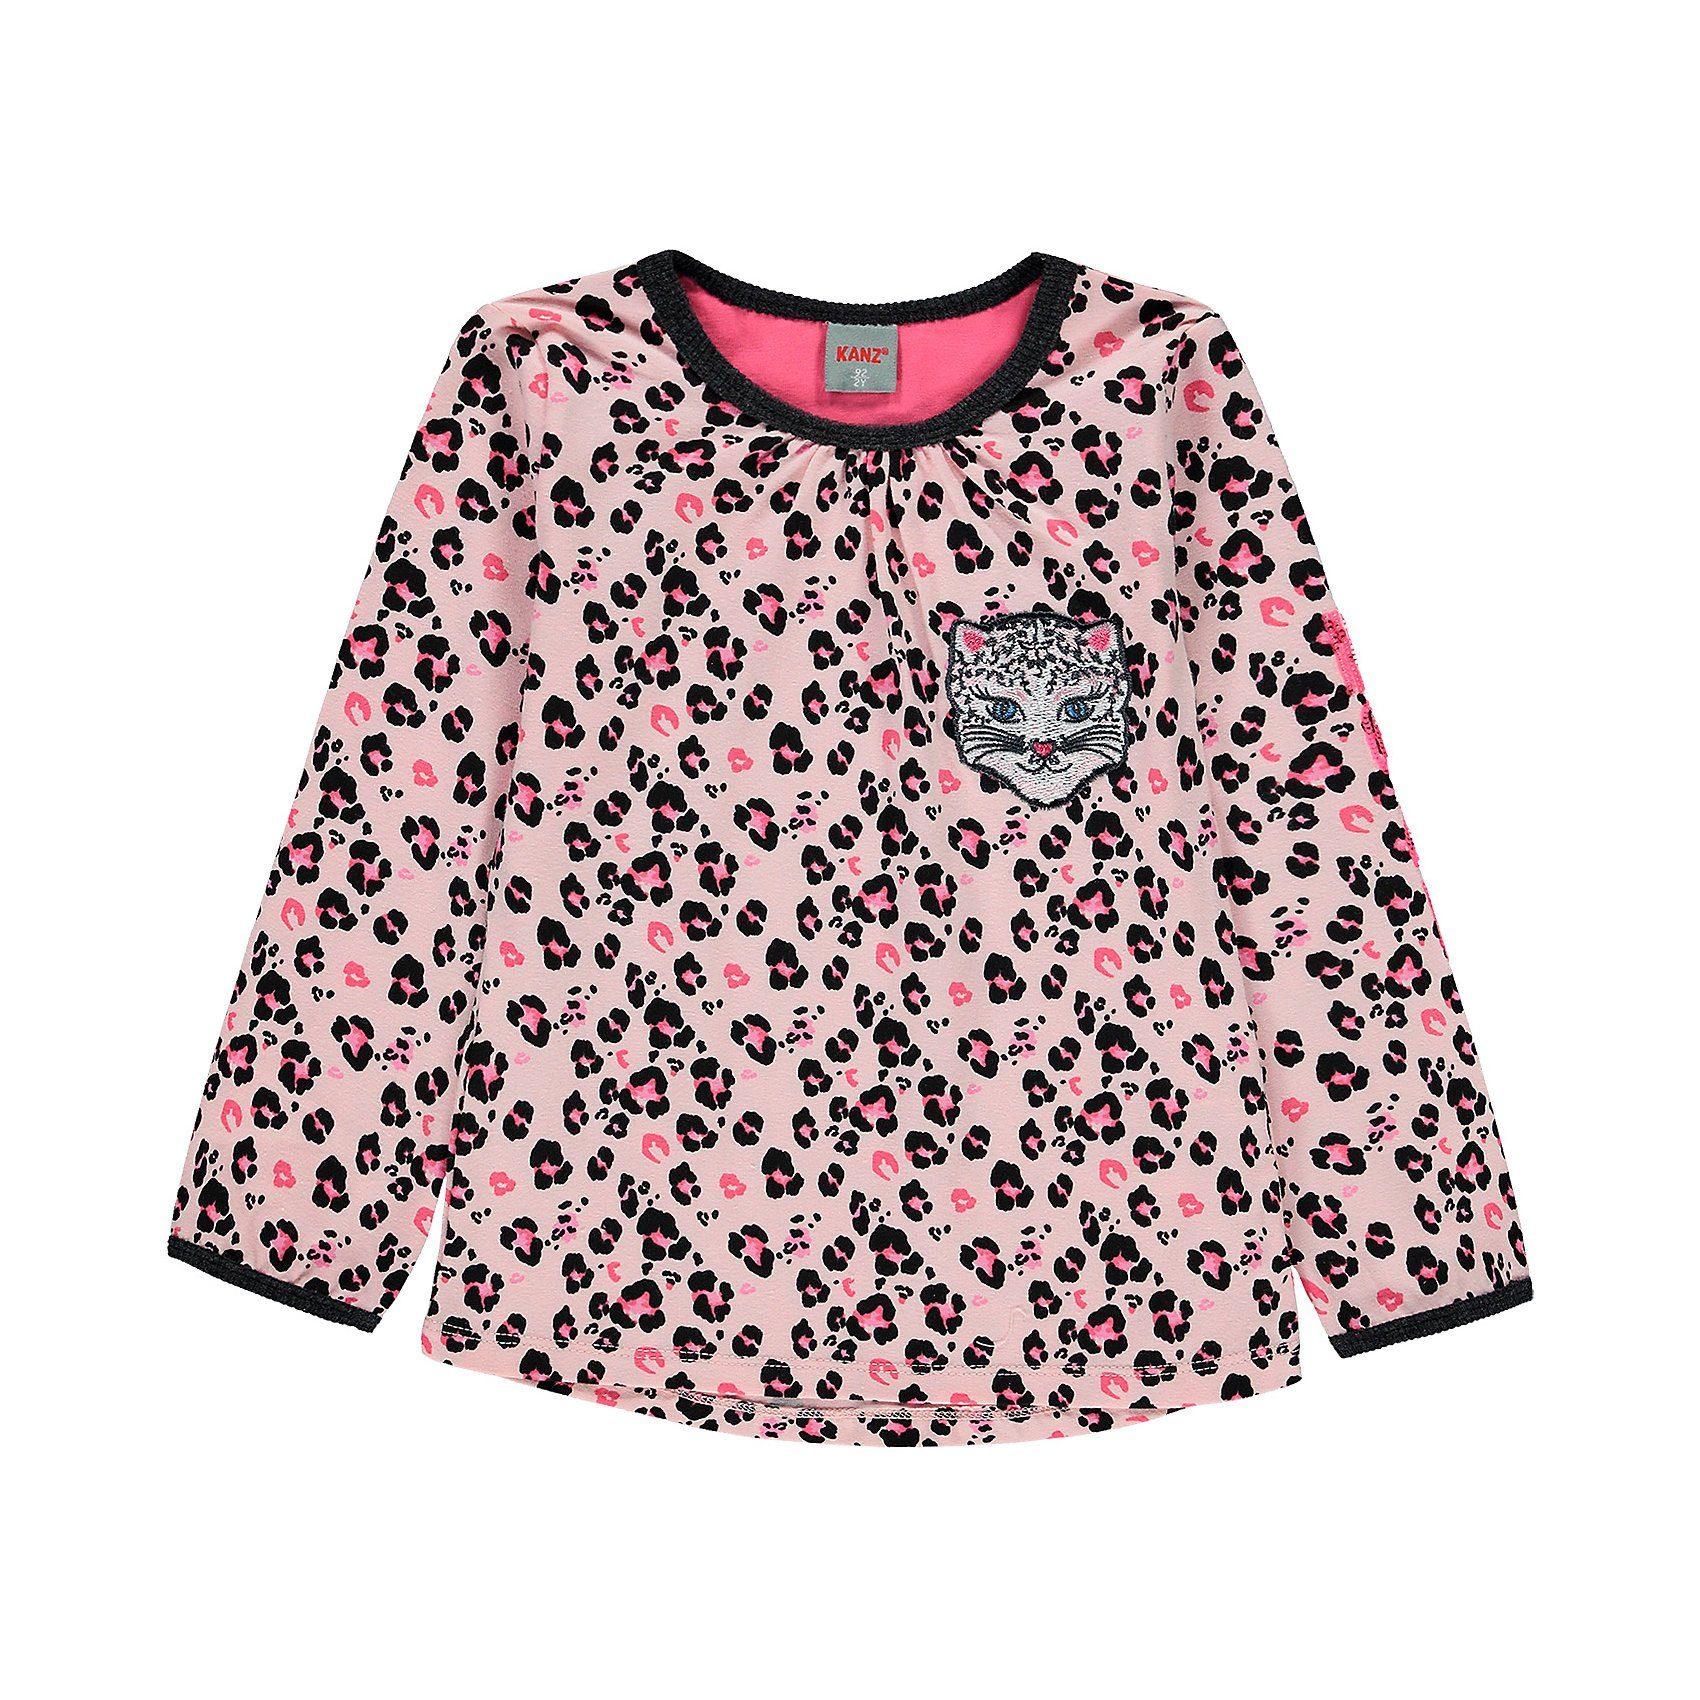 Damen,  Mädchen,  Kinder Kanz Langarmshirt für Mädchen bunt,  mehrfarbig, rosa | 04062108065622